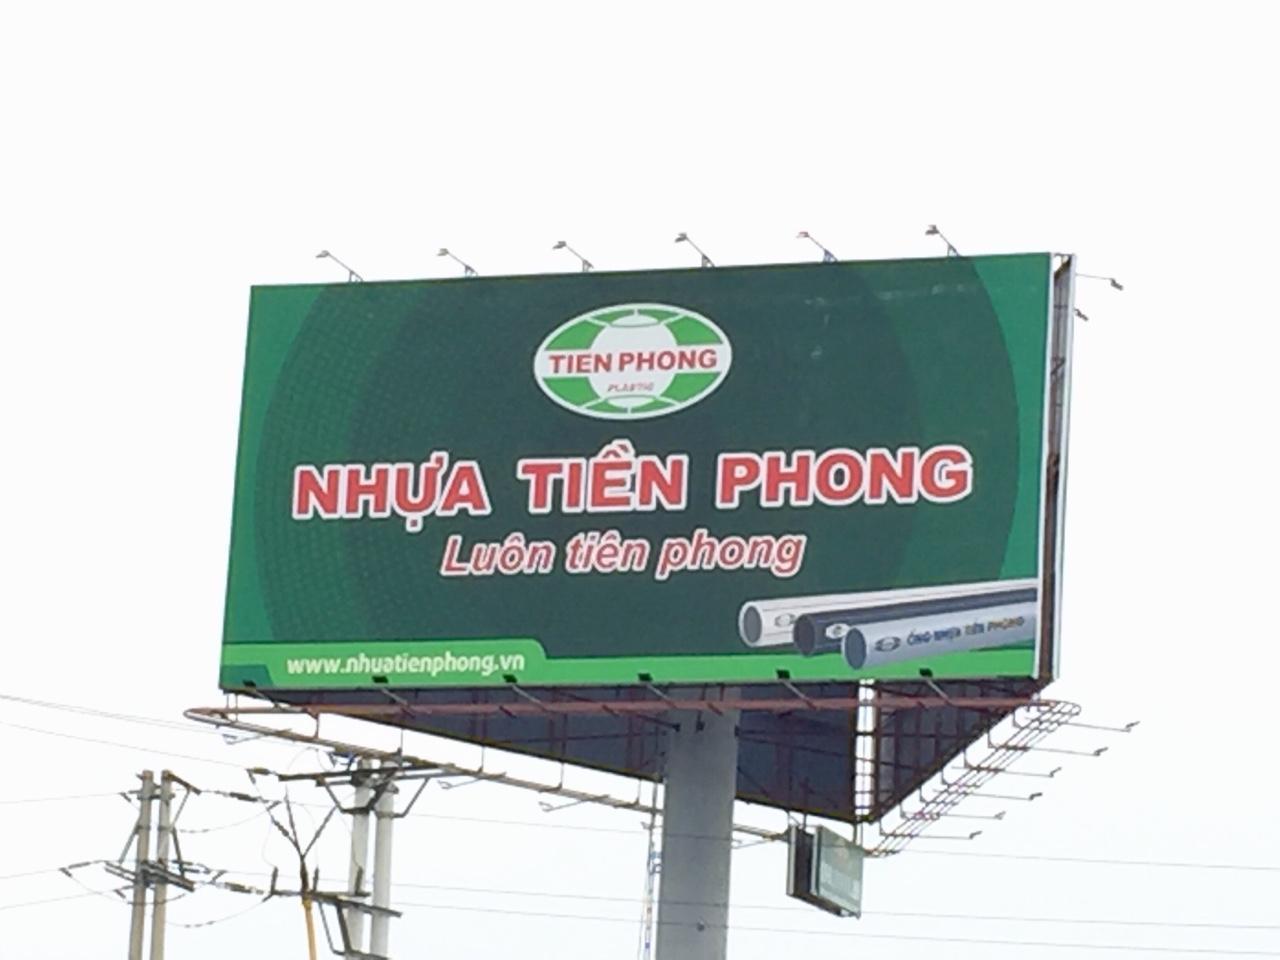 Liên tiếp mua 3 đợt năm 2019, con trai Chủ tịch Nhựa Tiền Phong vẫn muốn mua thêm 1 triệu cổ phiếu NTP - Ảnh 1.